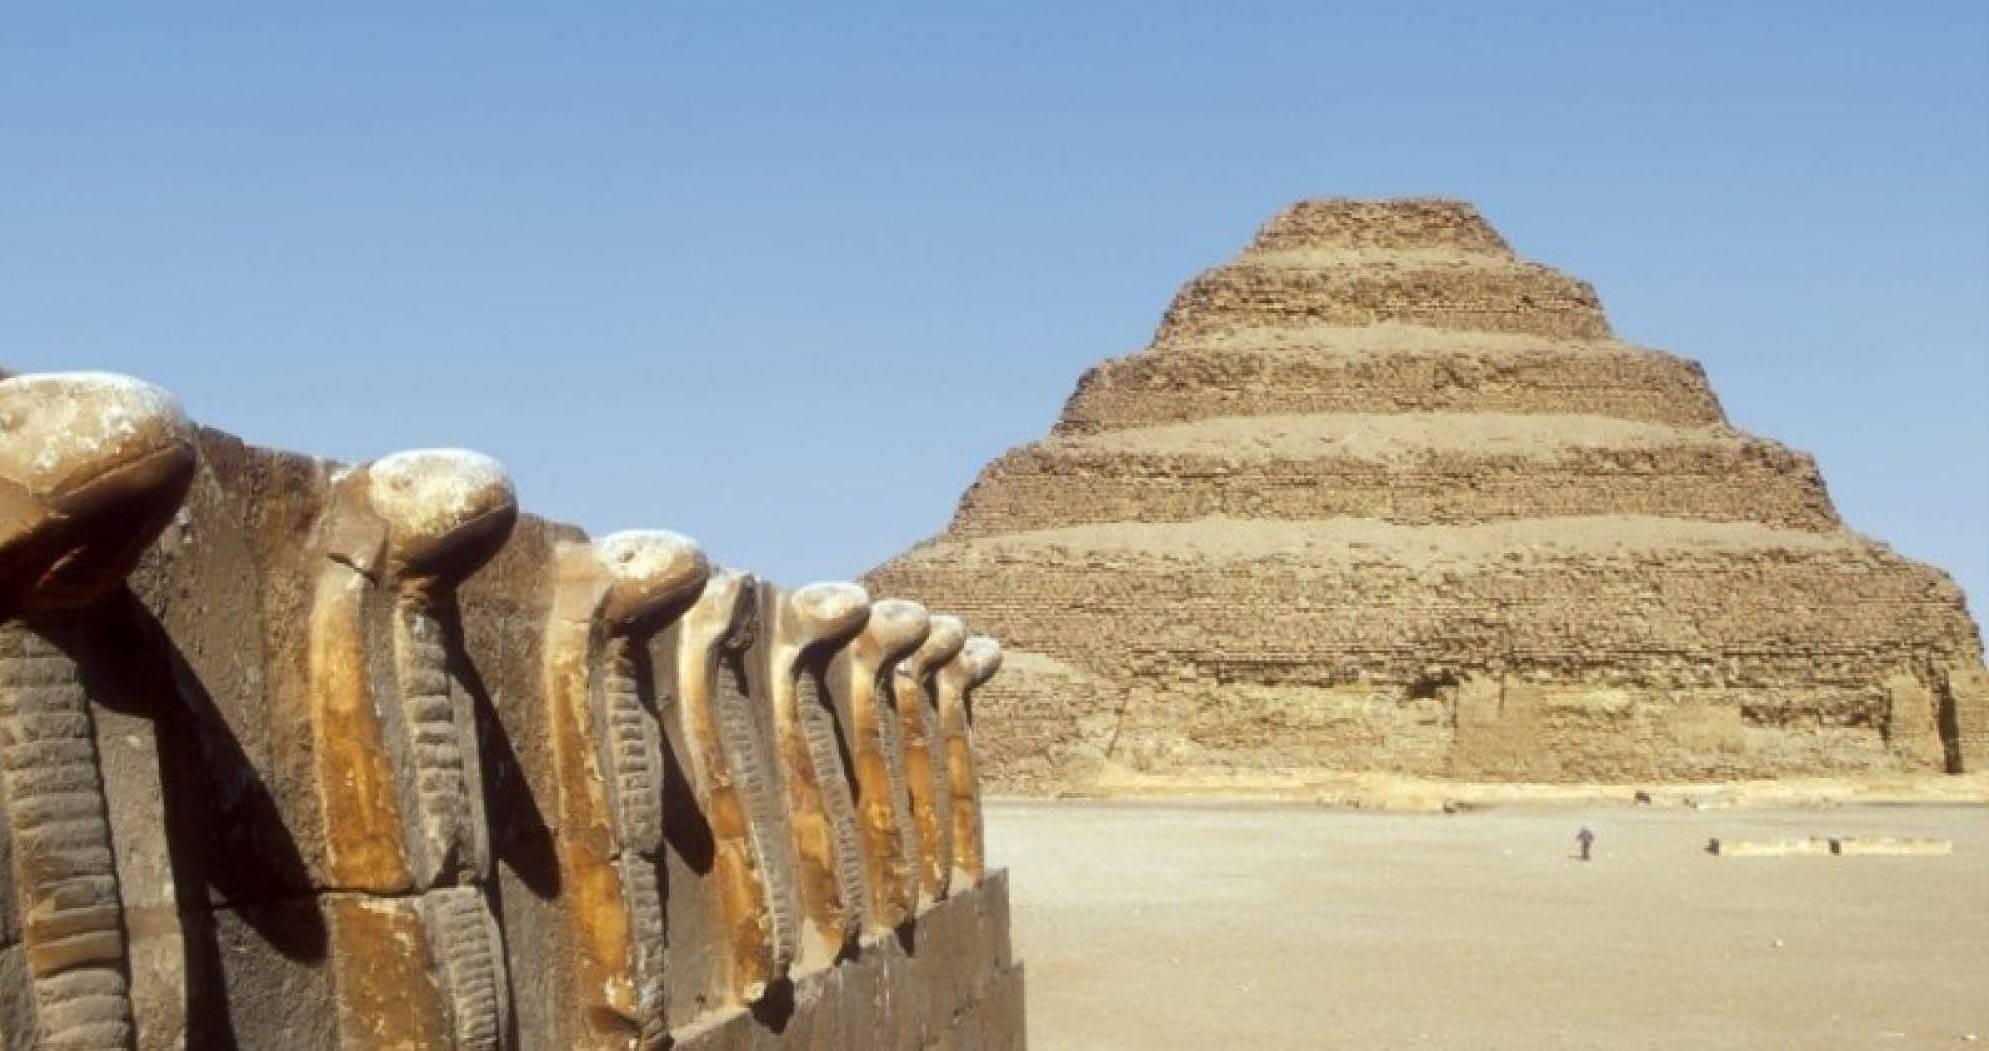 Descubren 14 sarcófagos de hace 2.500 años en Egipto